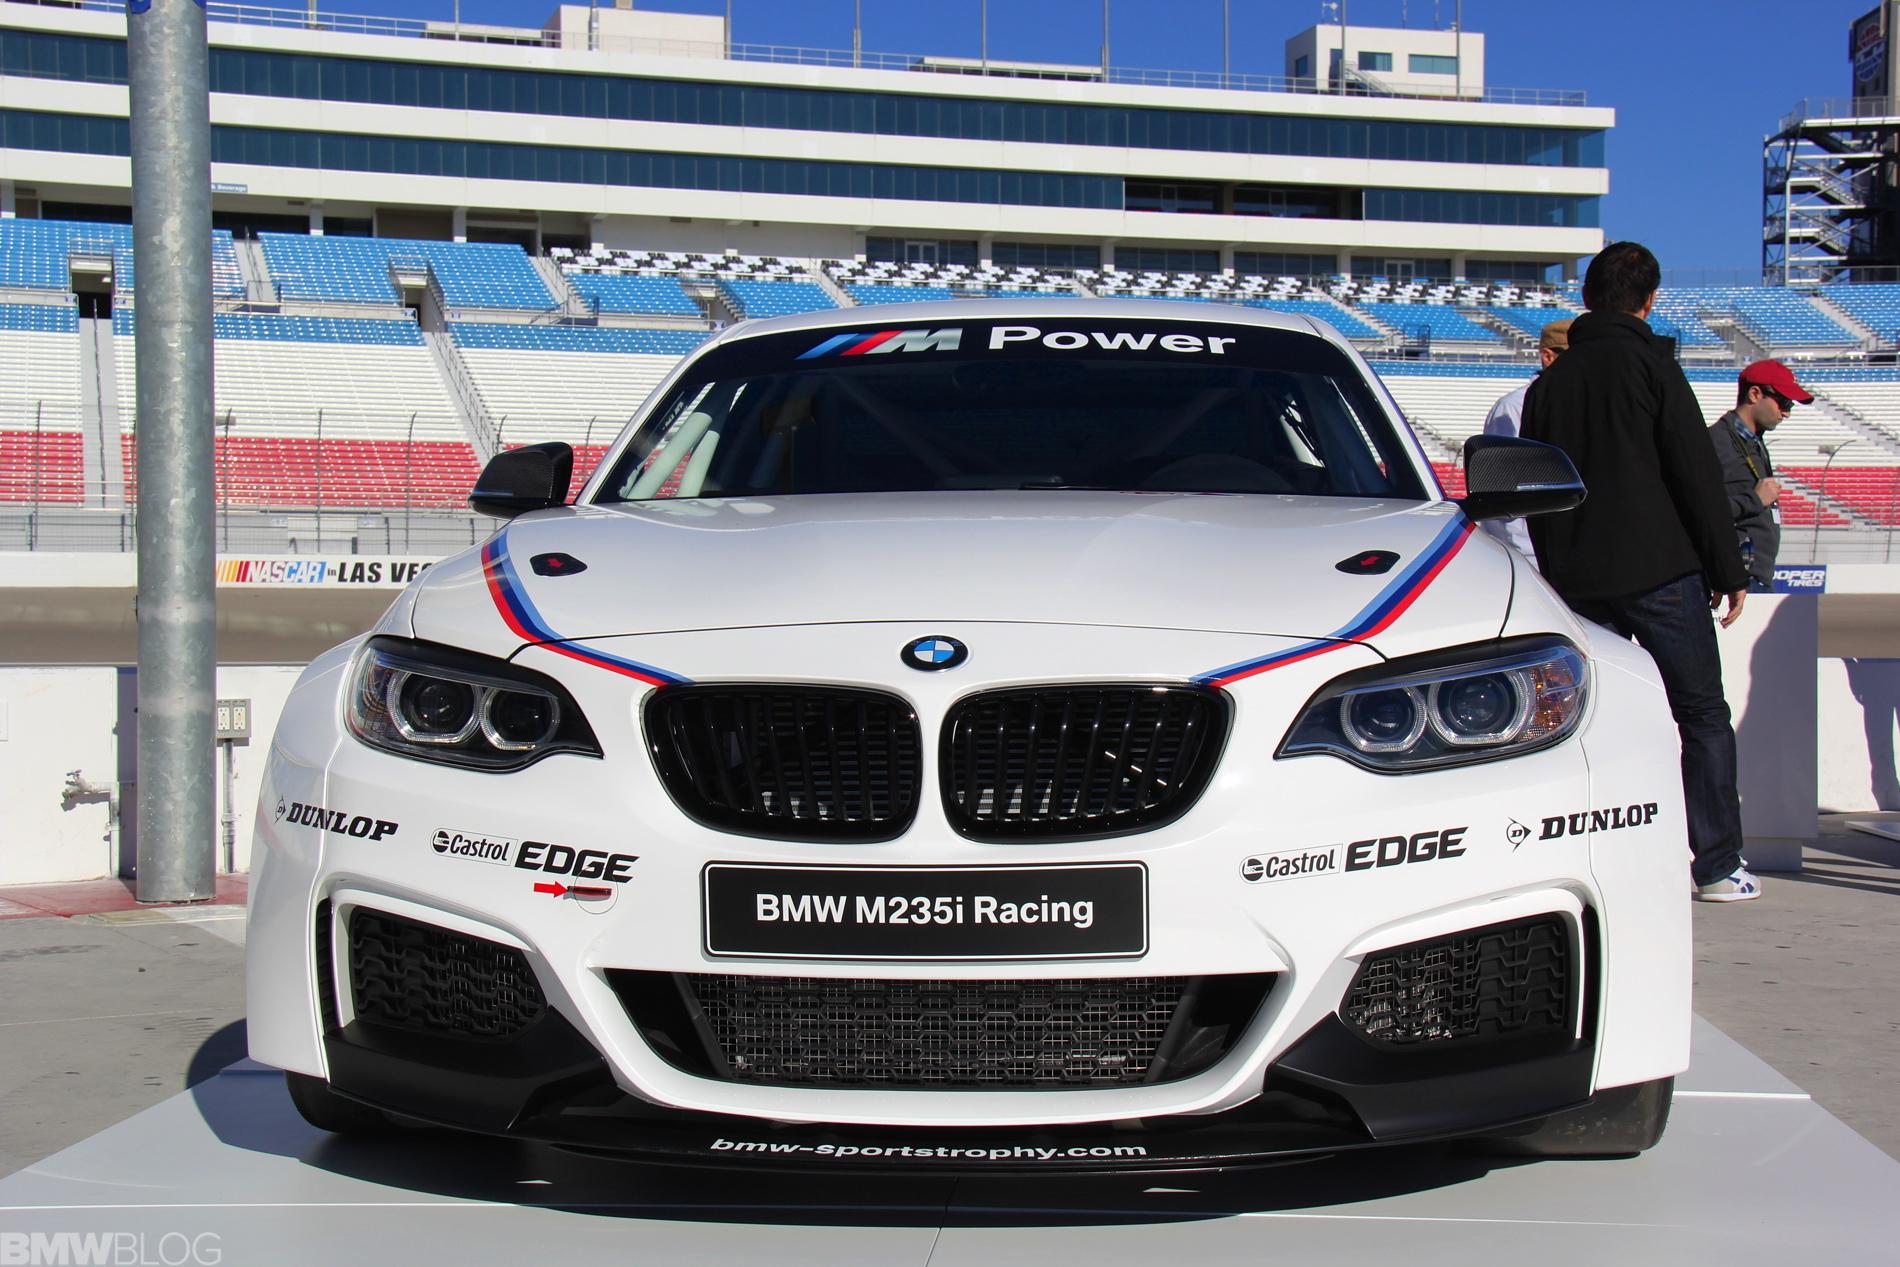 BMW M235i racing car photos 03